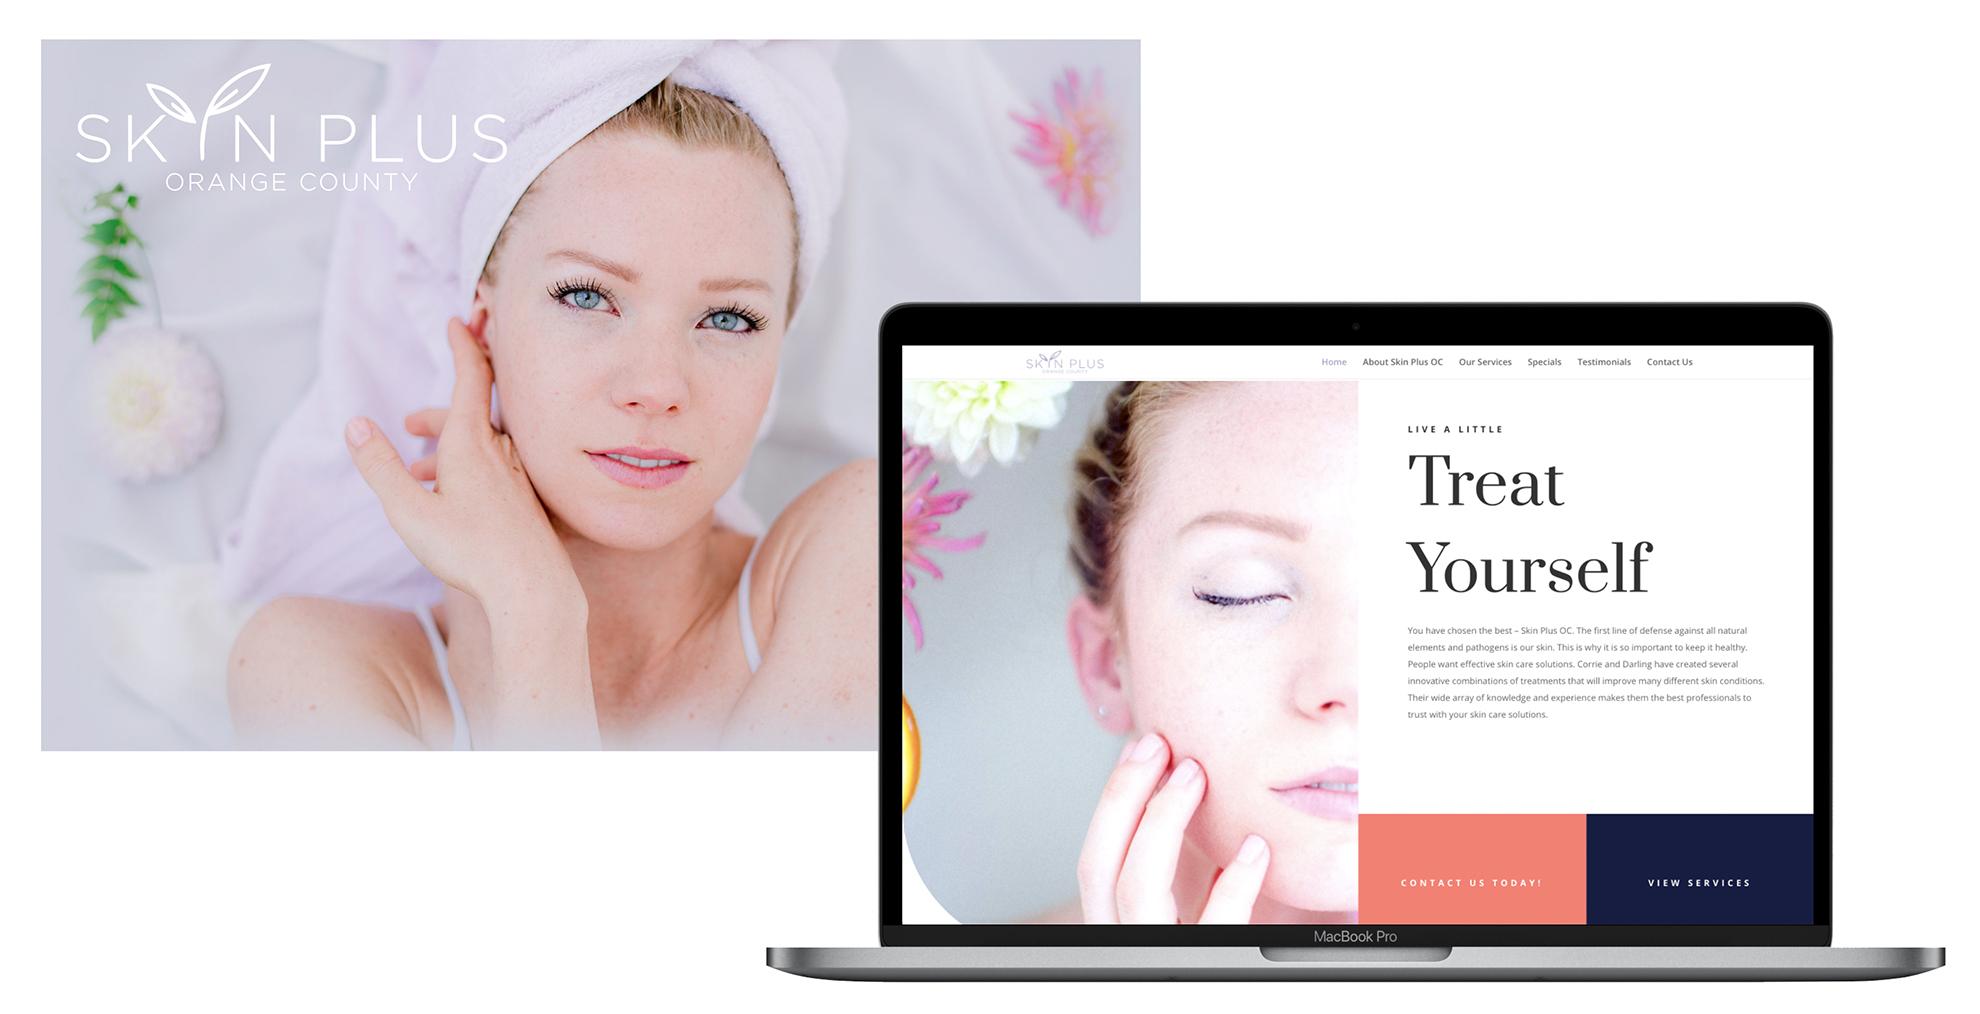 skinplus website